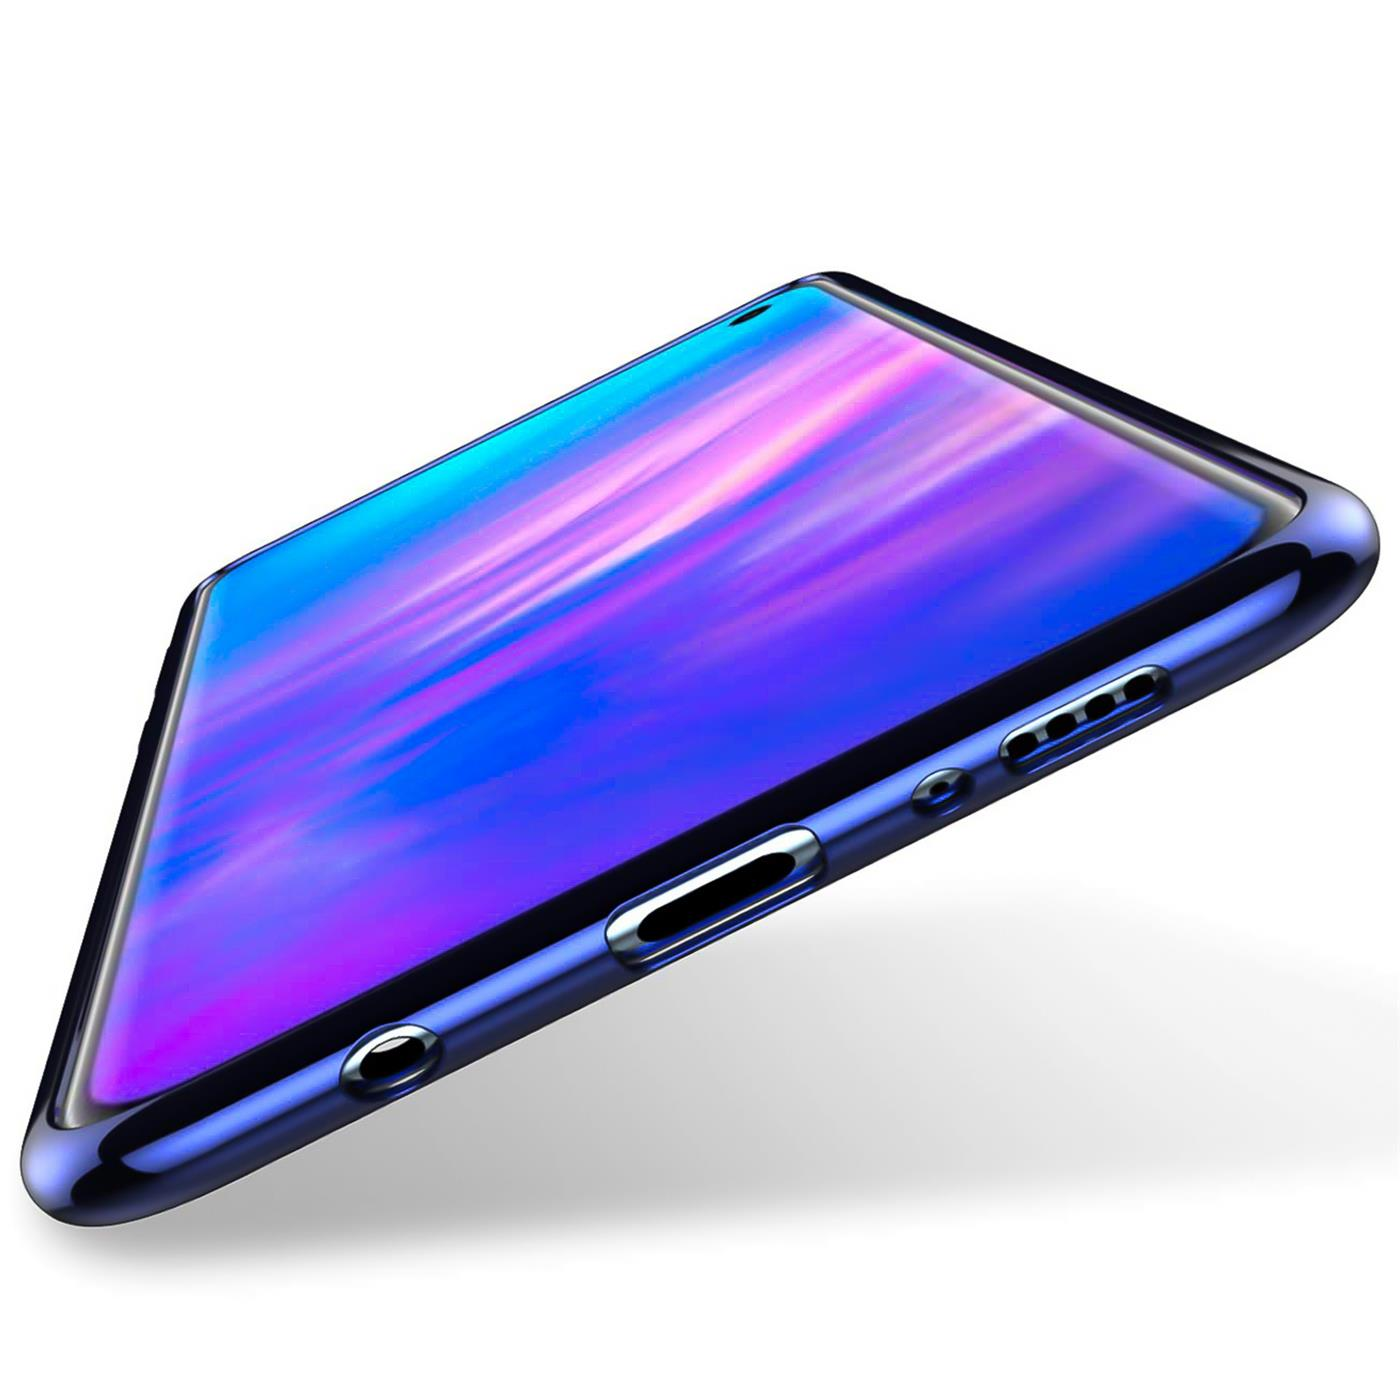 Samsung-Galaxy-S10-Huelle-Schutzhuelle-Handy-Tasche-Slim-Cover-Case-Transparent Indexbild 18